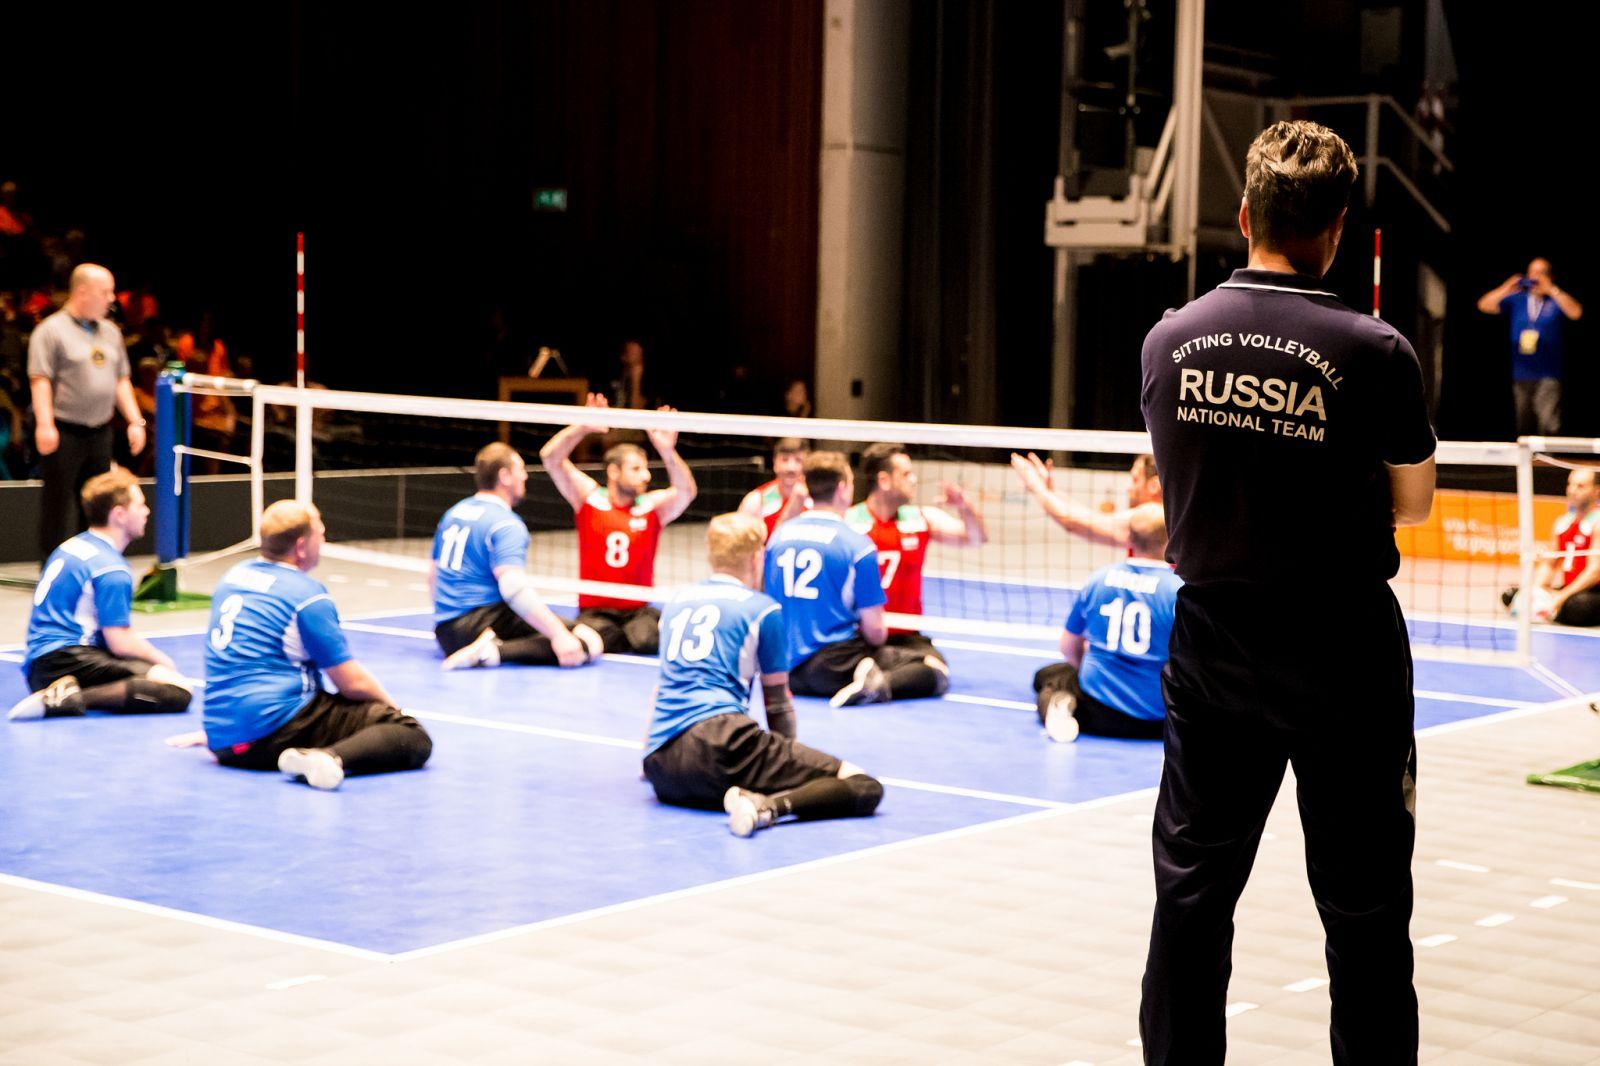 Мужская сборная команда России по волейболу сидя продолжит выступление в четвертьфинале чемпионата мира в Нидерландах